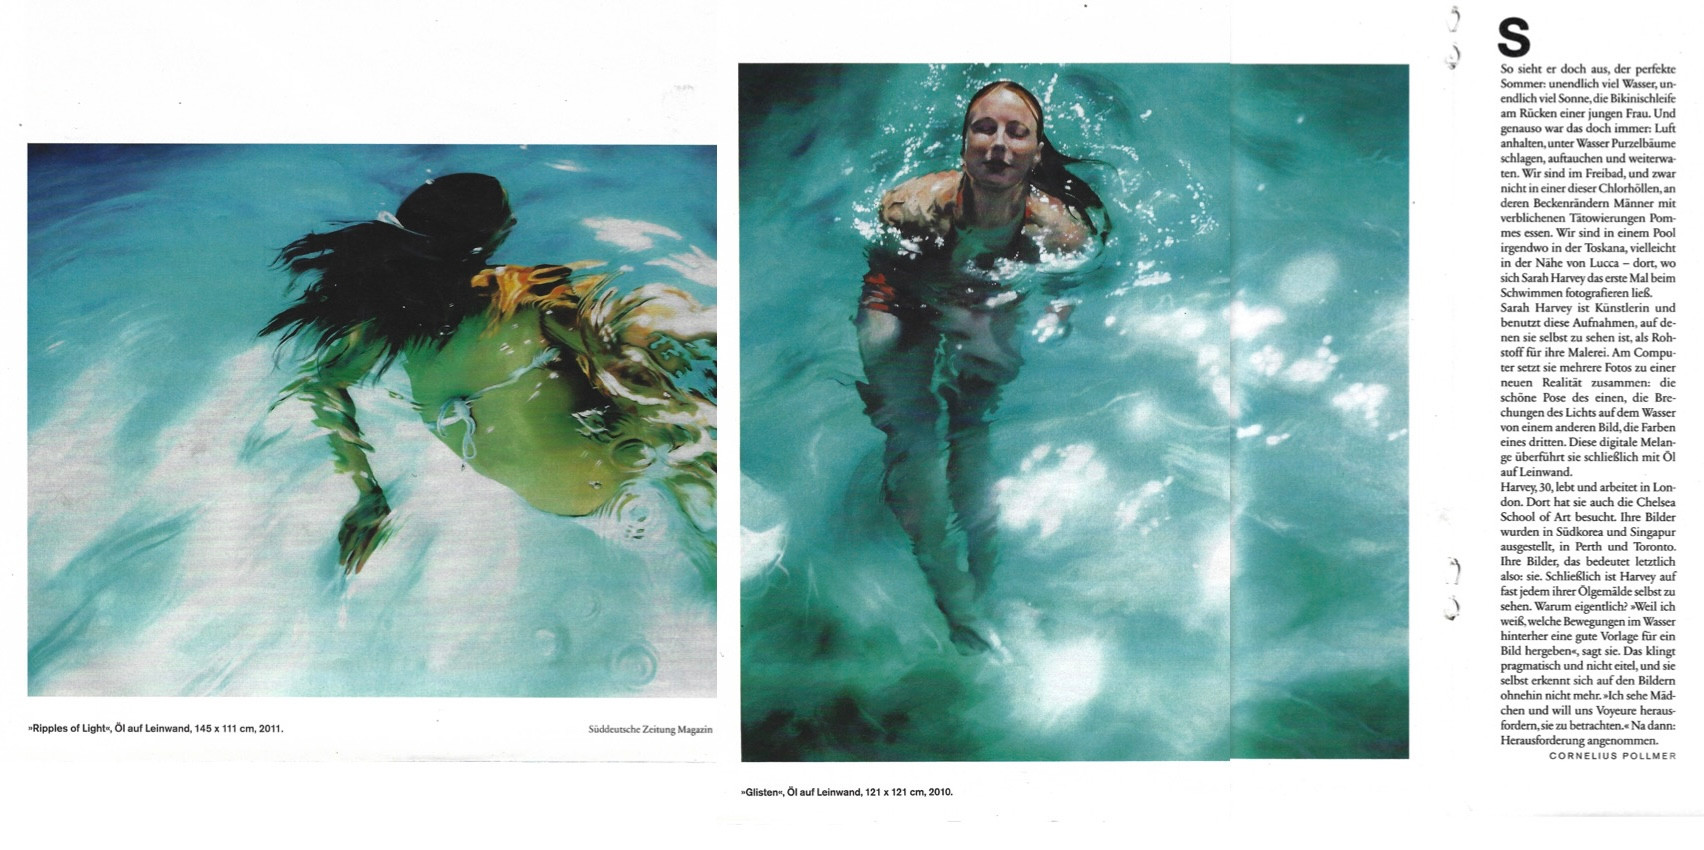 Suddeutche Magazin, 2011